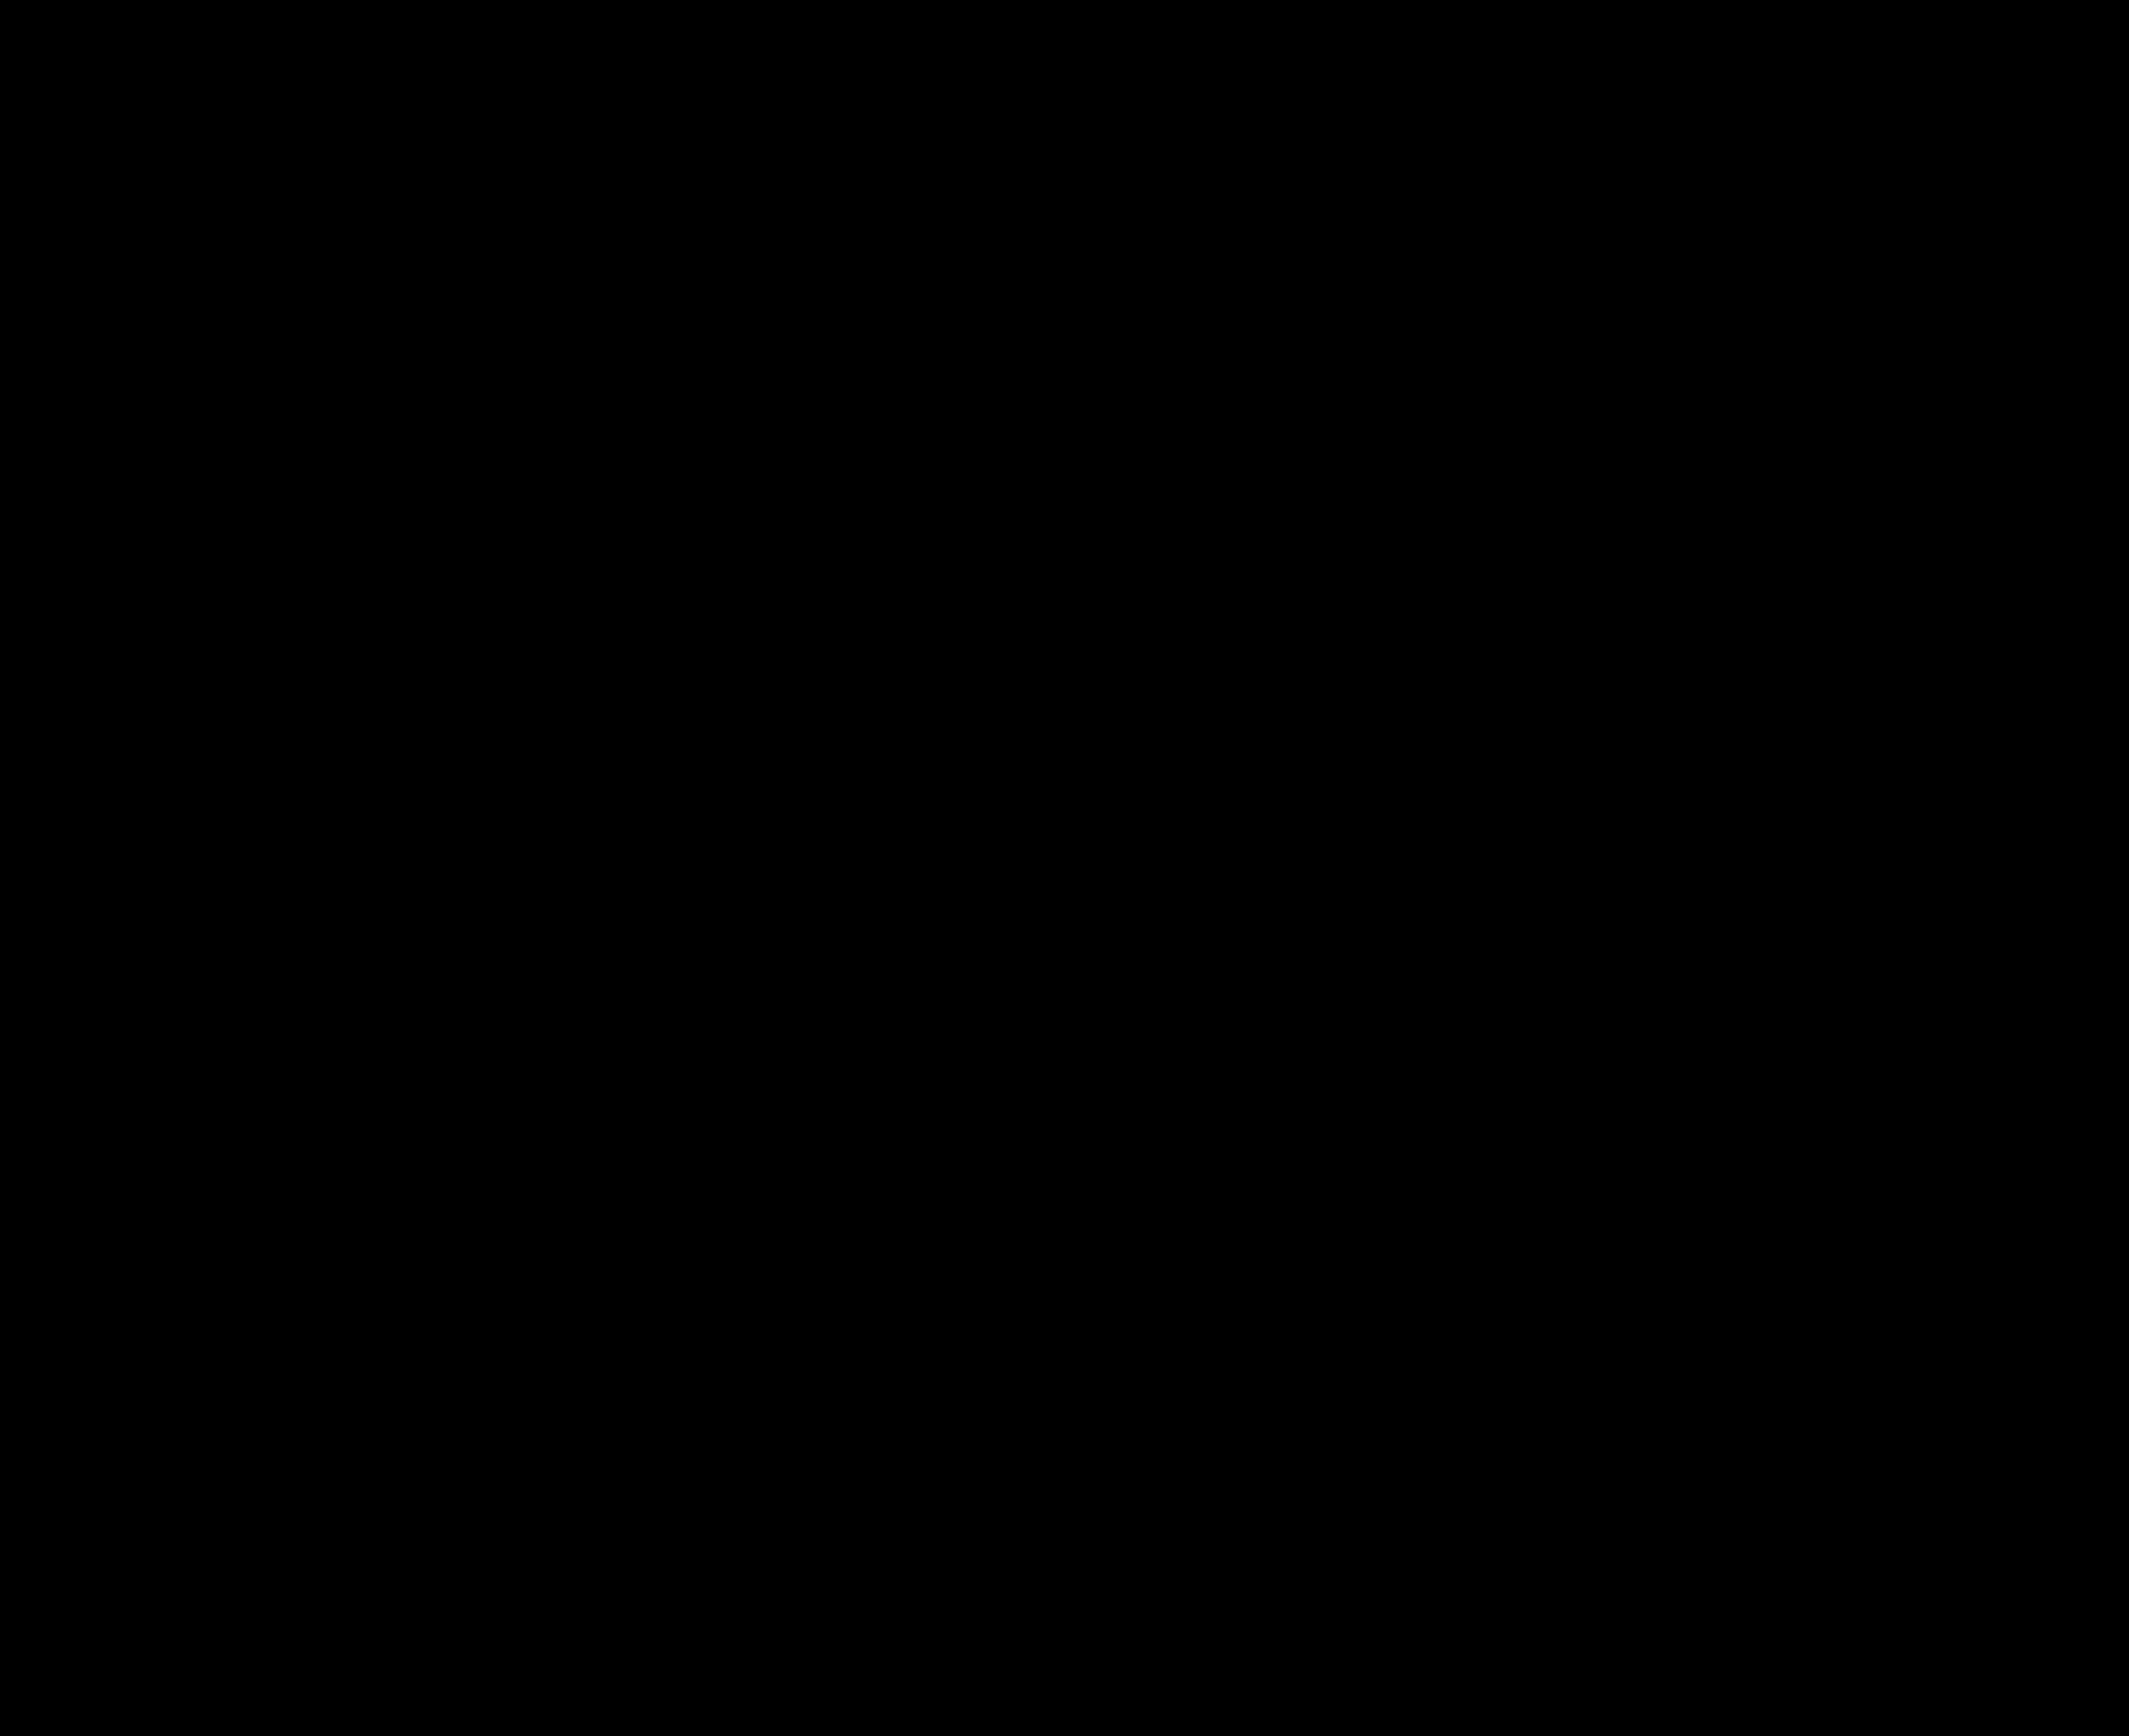 Filecross section elevation plan covered bridge wickecheoke creek sergeantsville